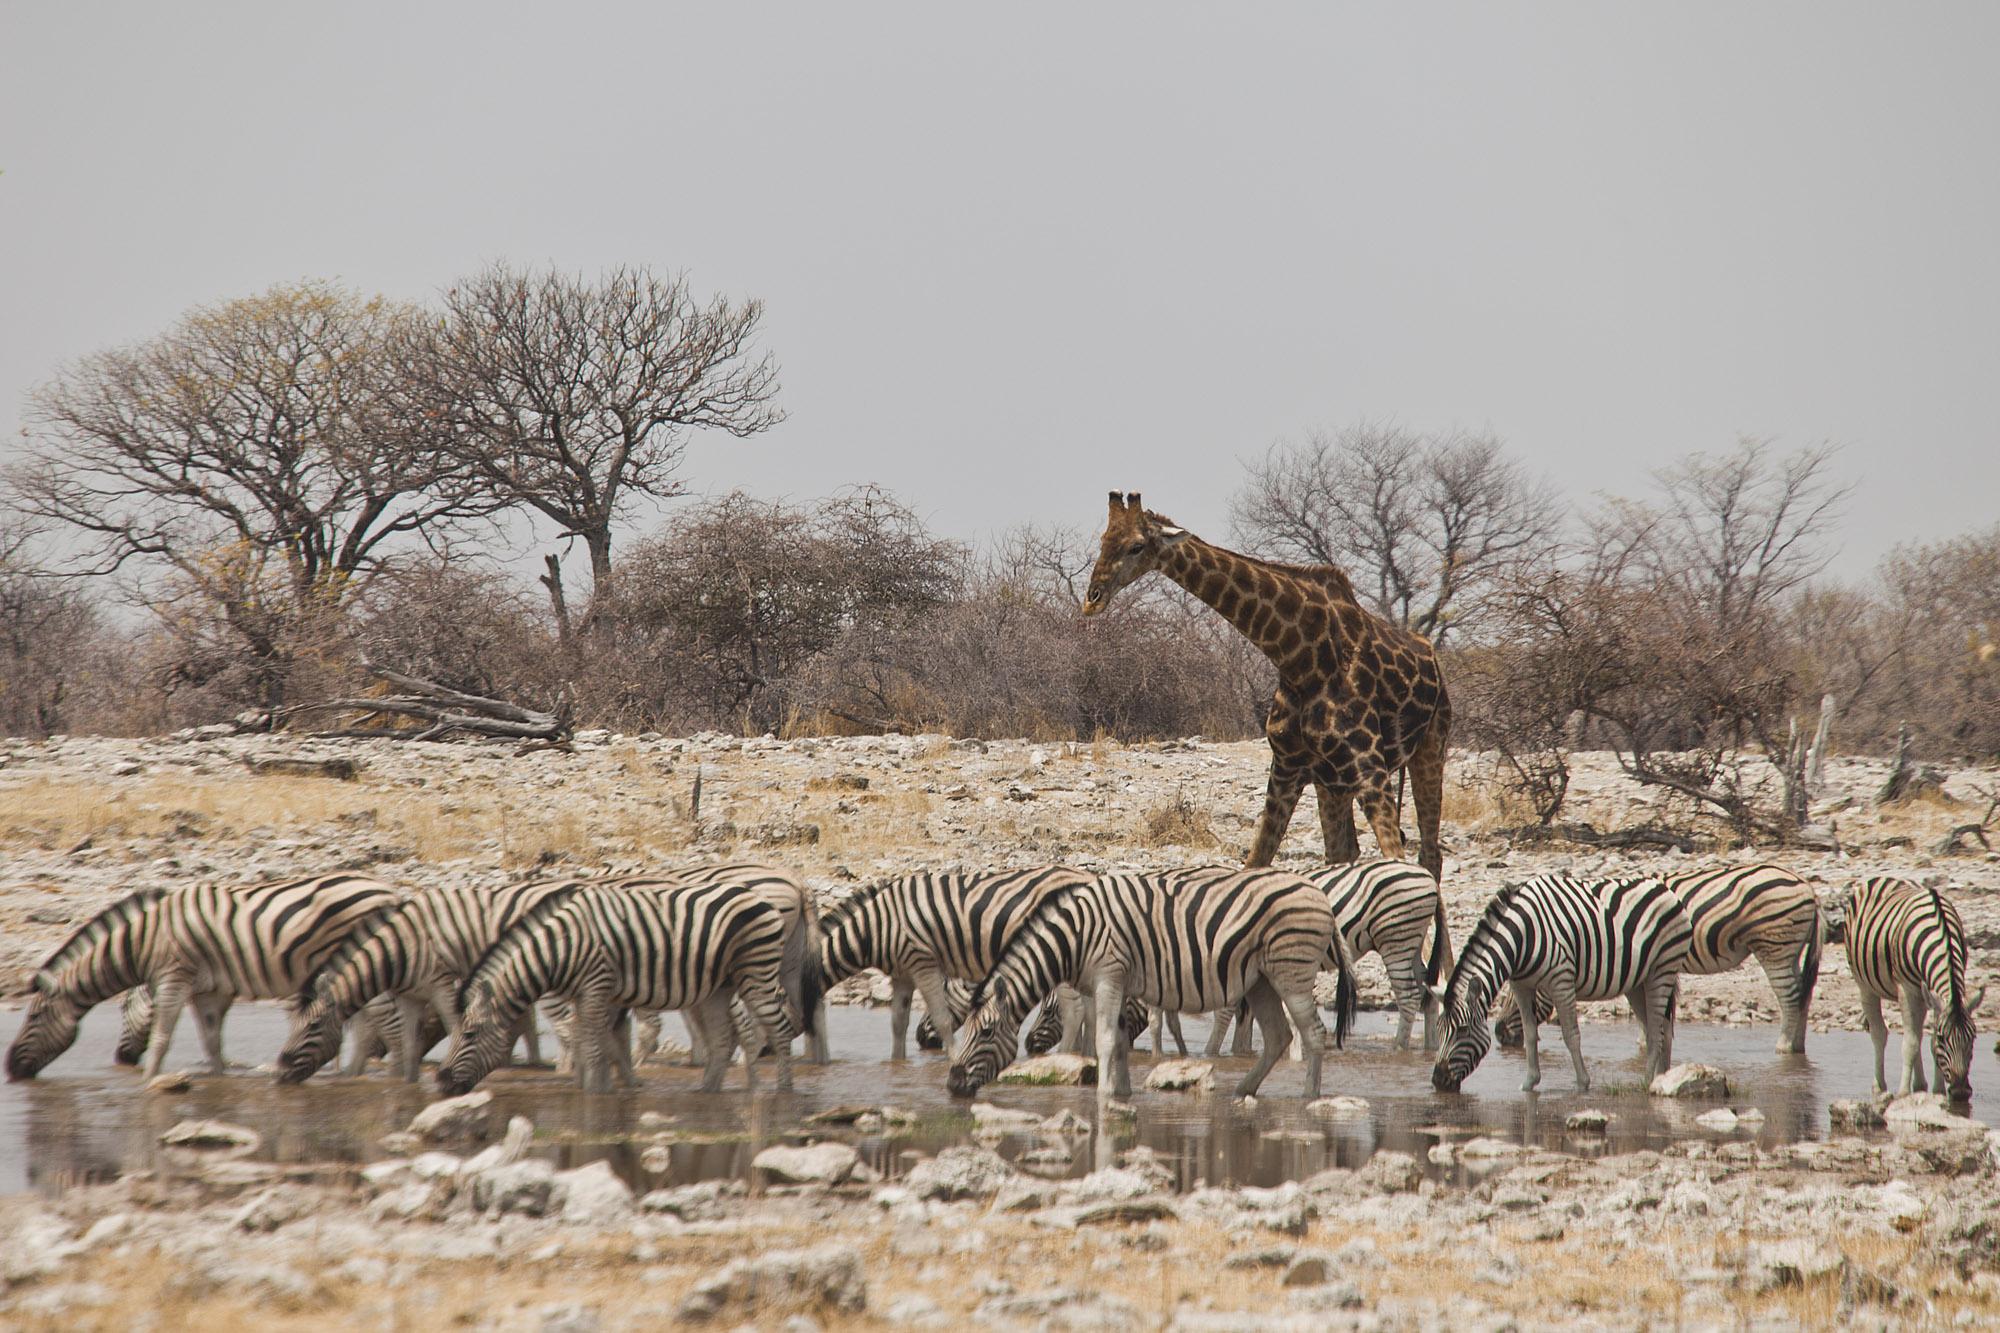 Zebras and a Giraffe